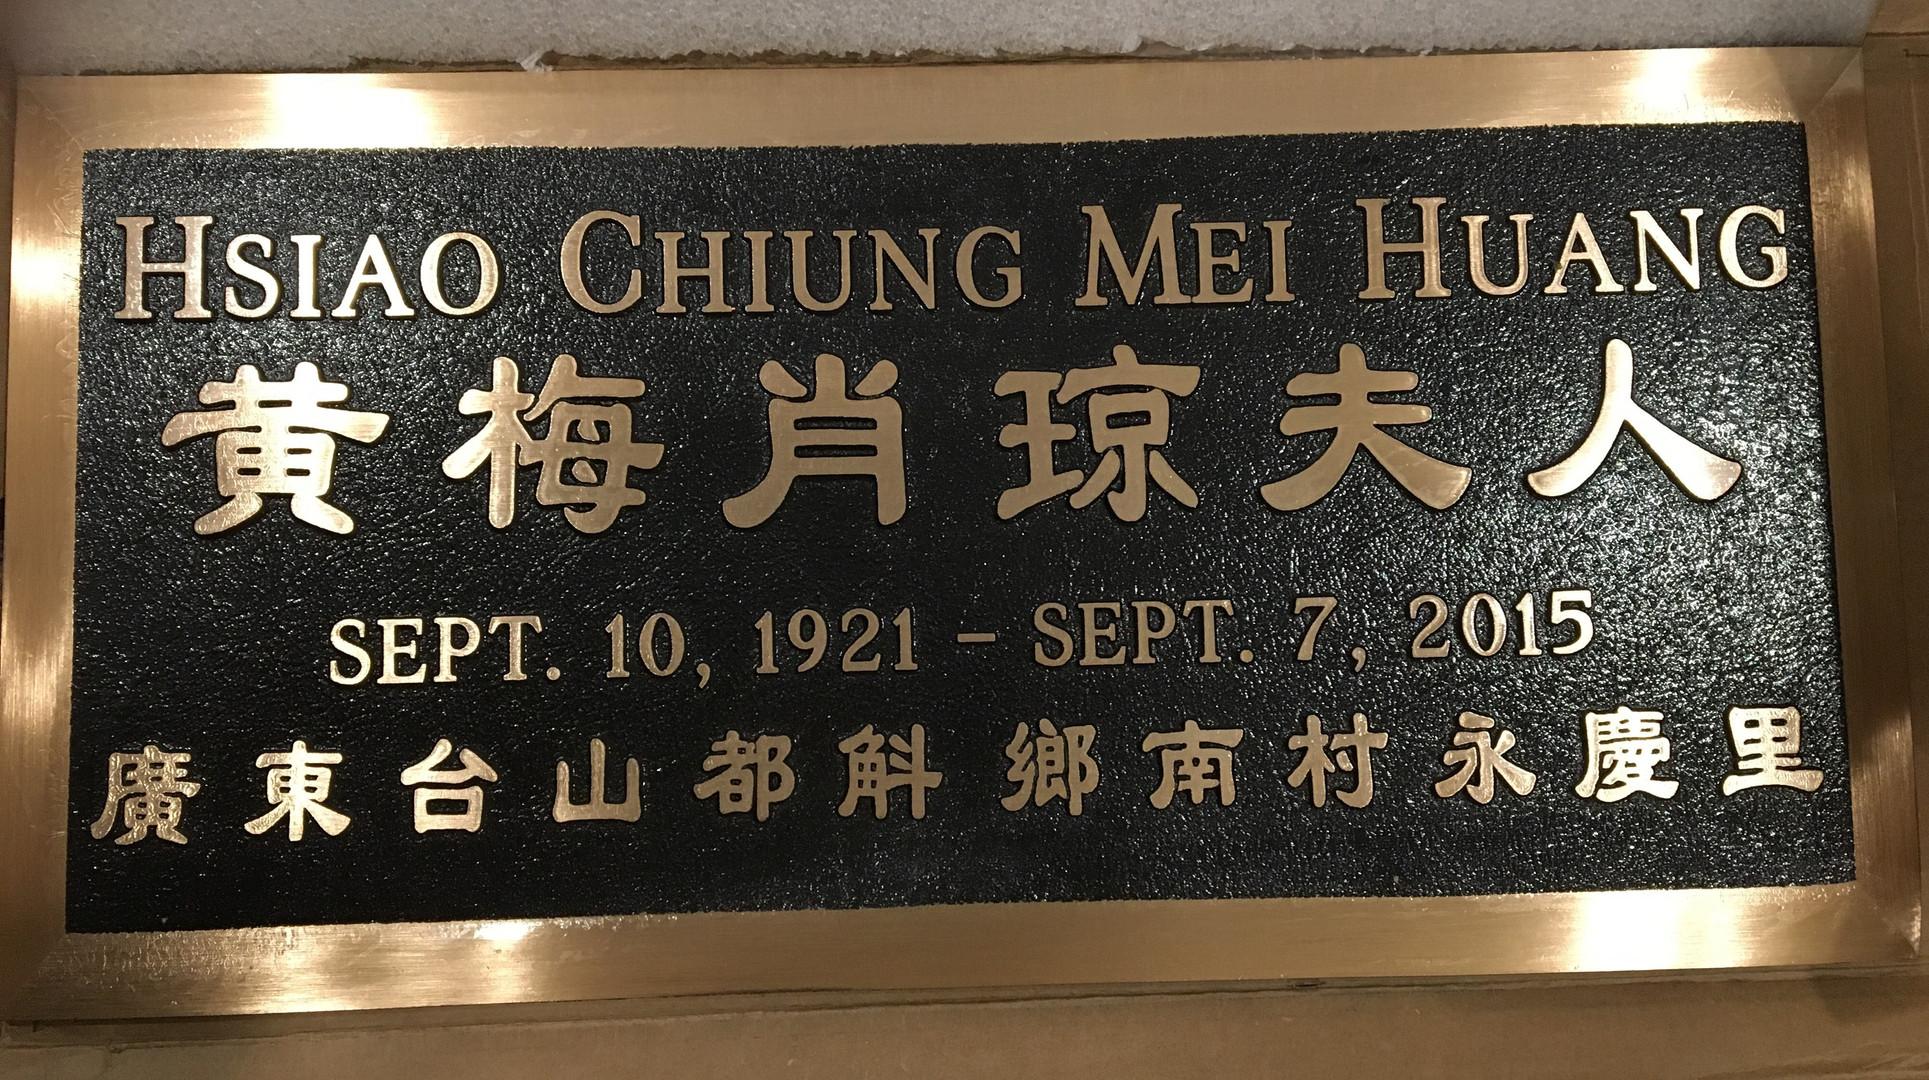 HSIAO CHIUNG MEI HUANG.jpg